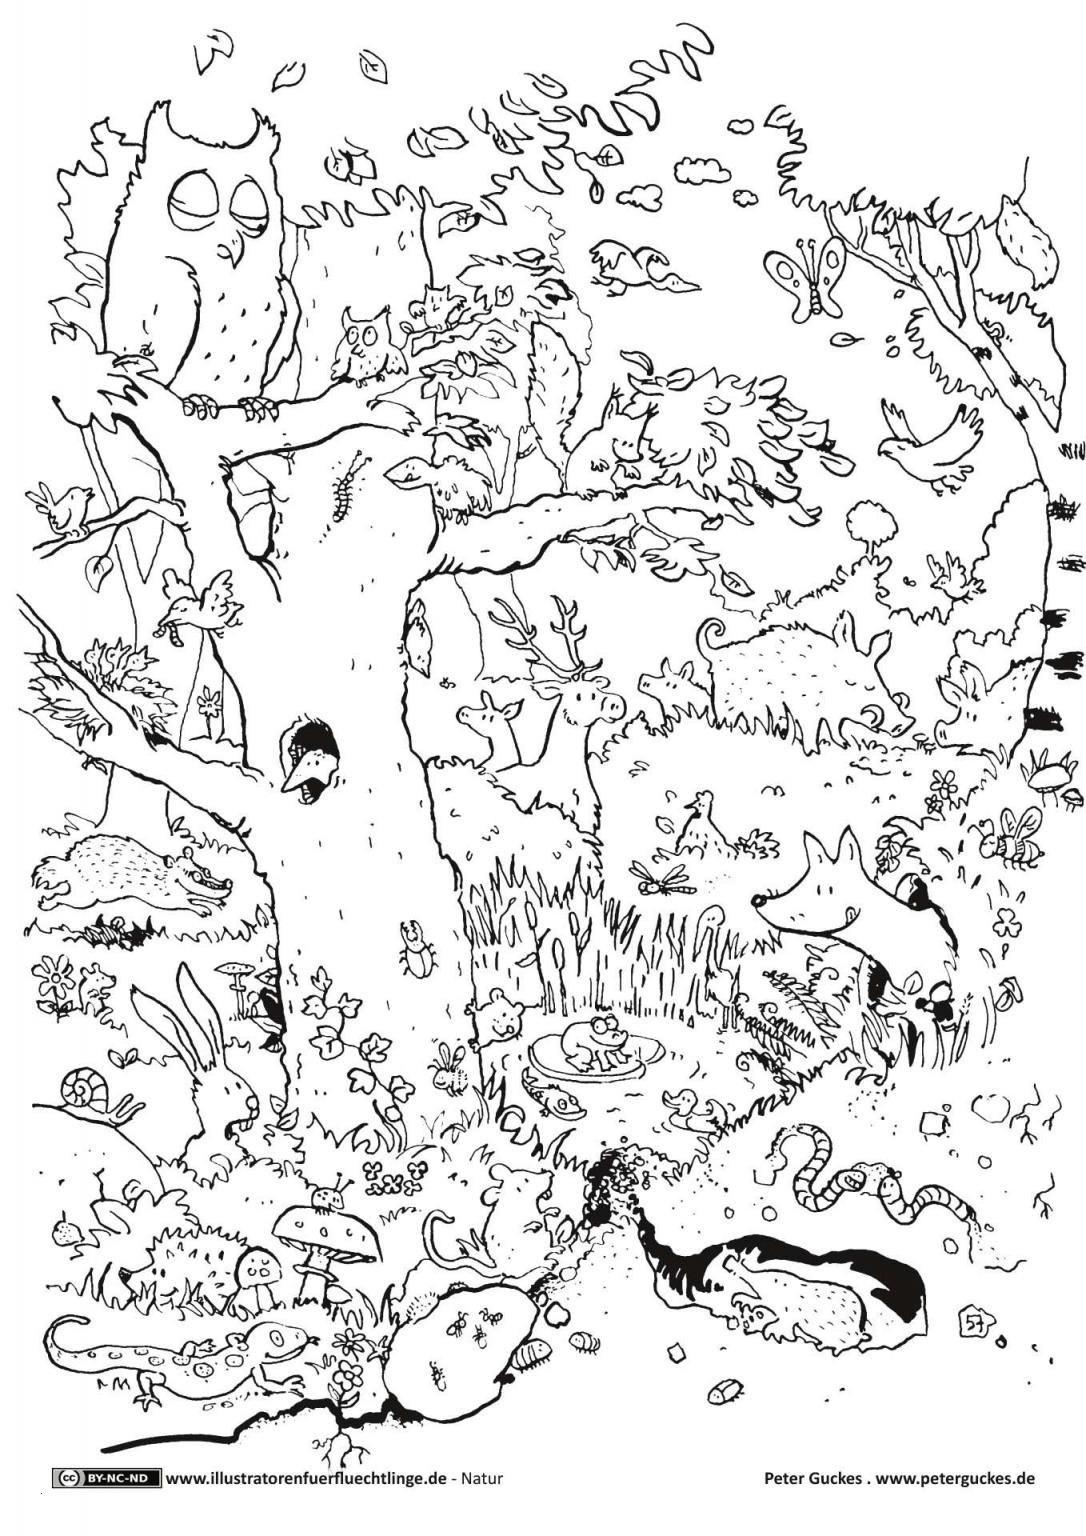 Malvorlagen tom Und Jerry Einzigartig 32 Malvorlagen Musik Scoredatscore Elegant Malvorlagen tom Und Jerry Sammlung